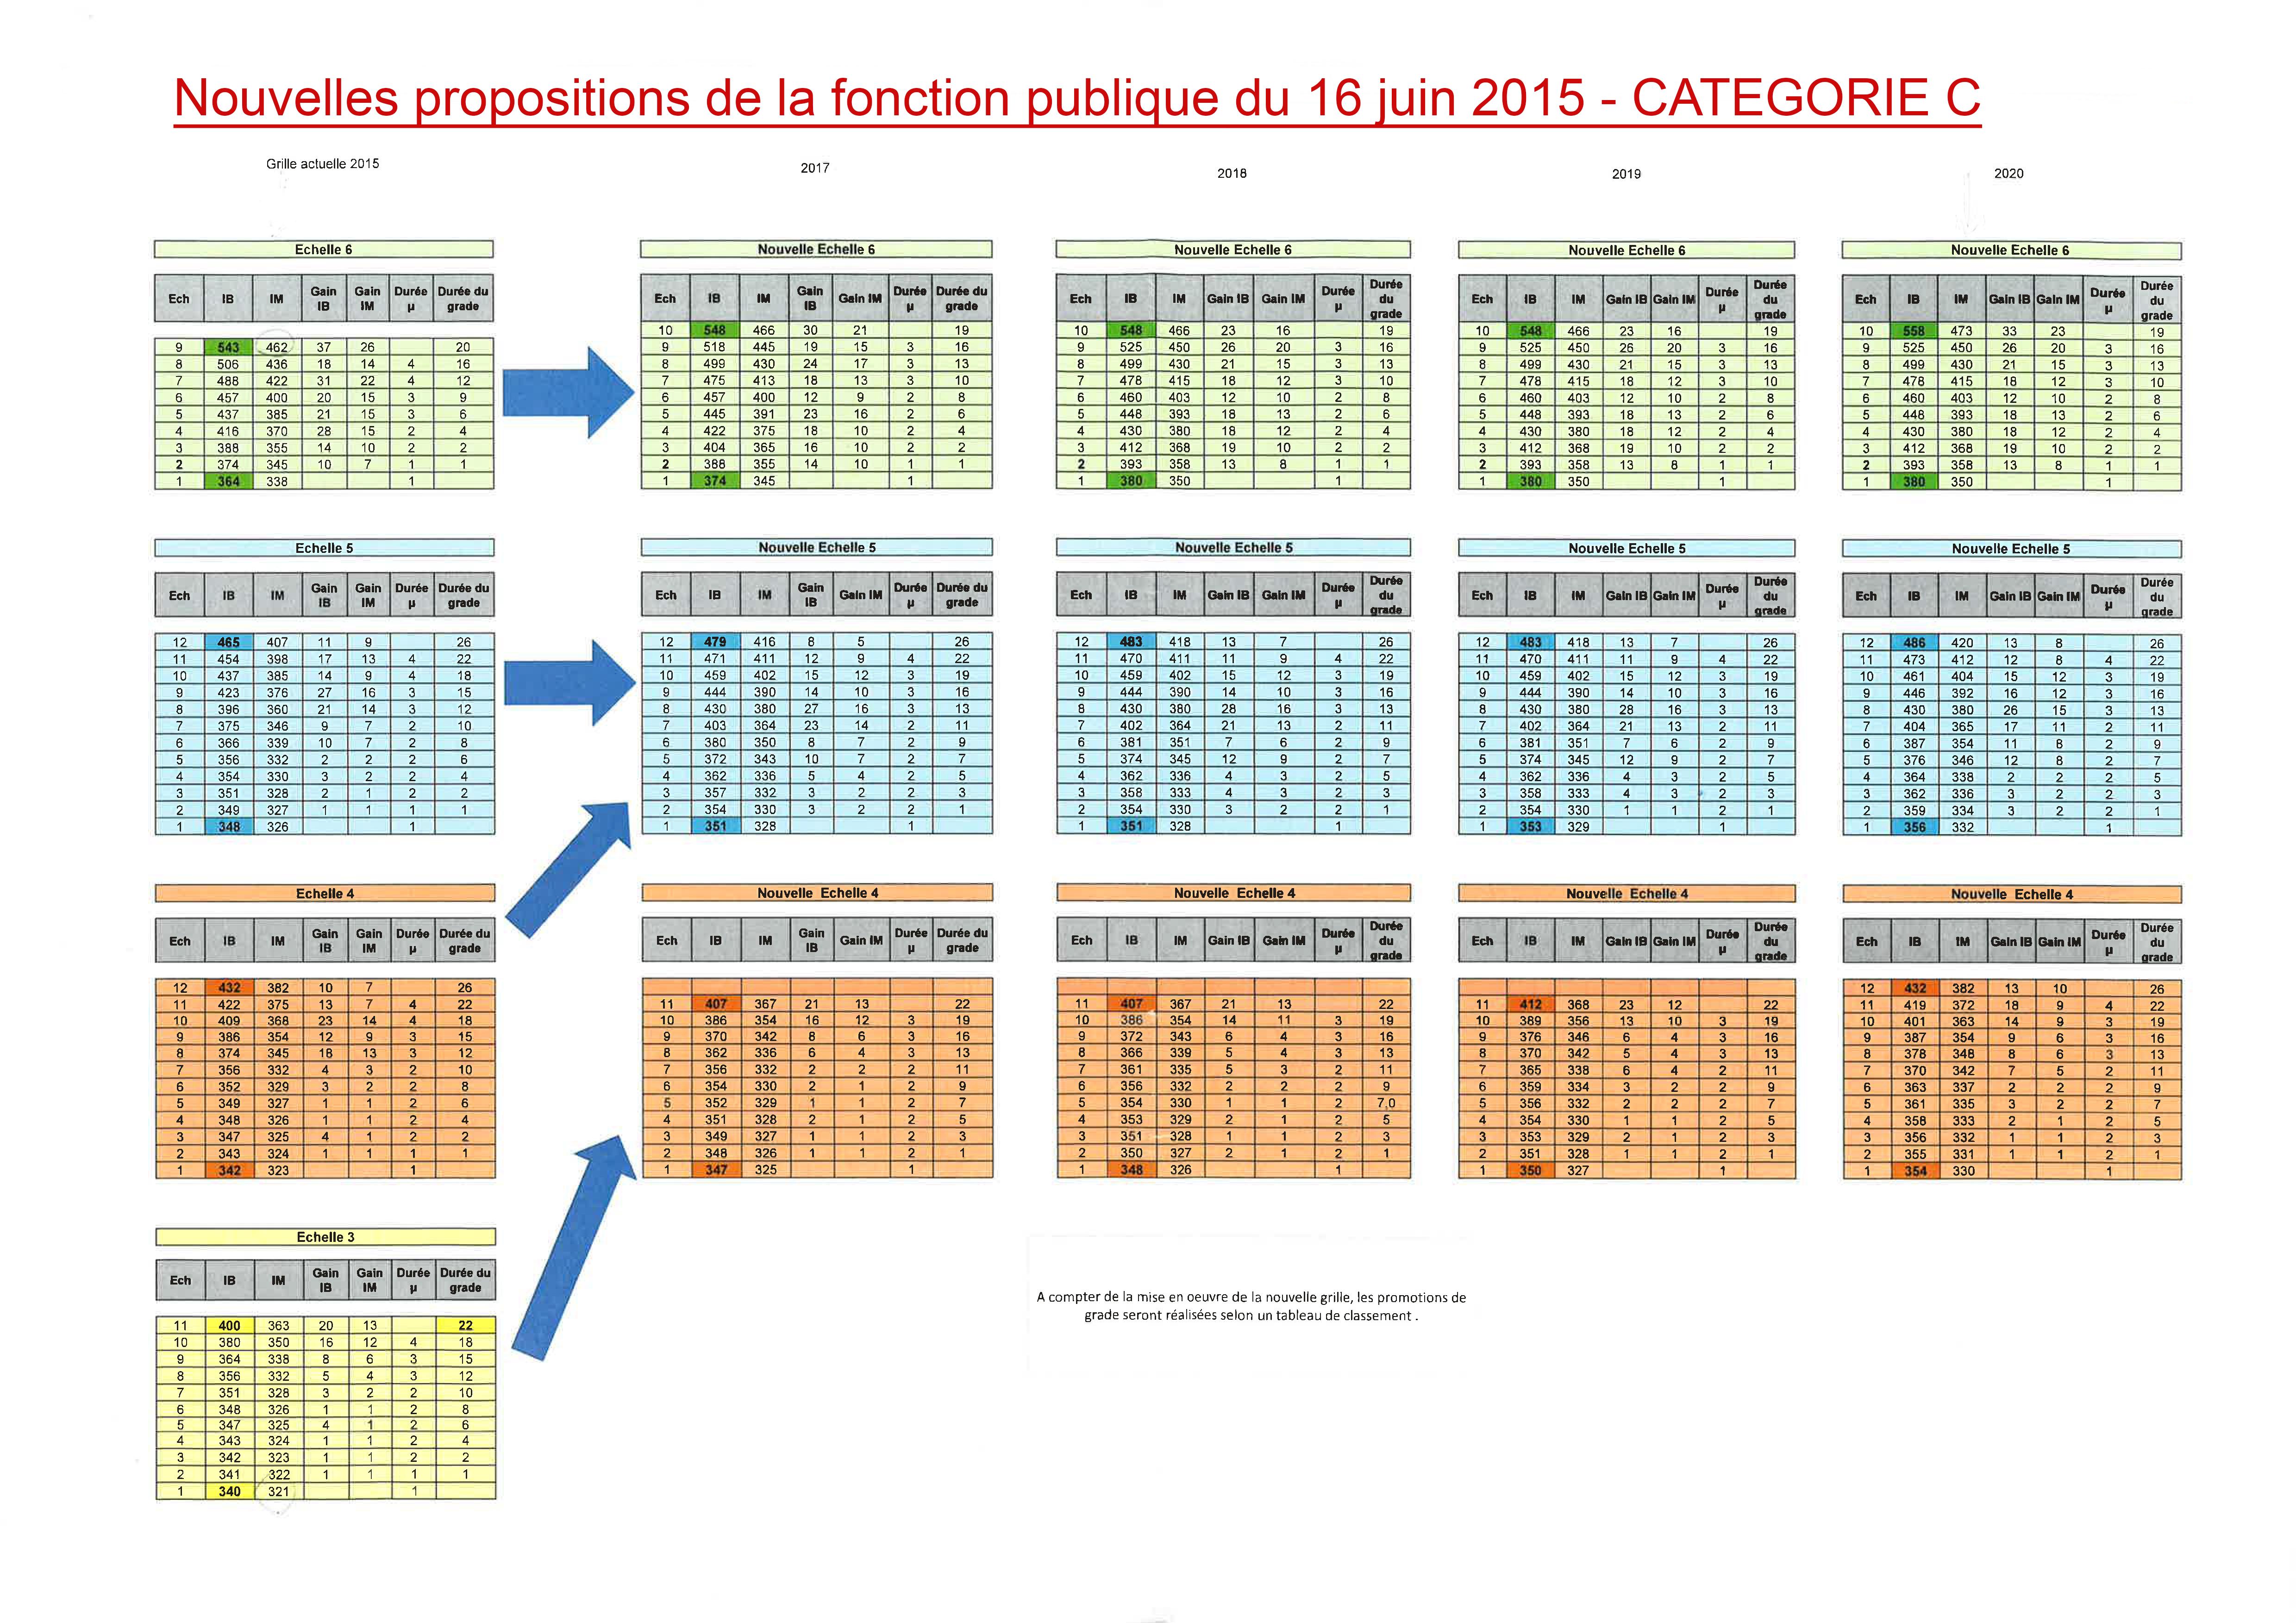 Ppcr nouvelles propositions de grilles salariales - Grille de salaire fonction publique categorie c ...